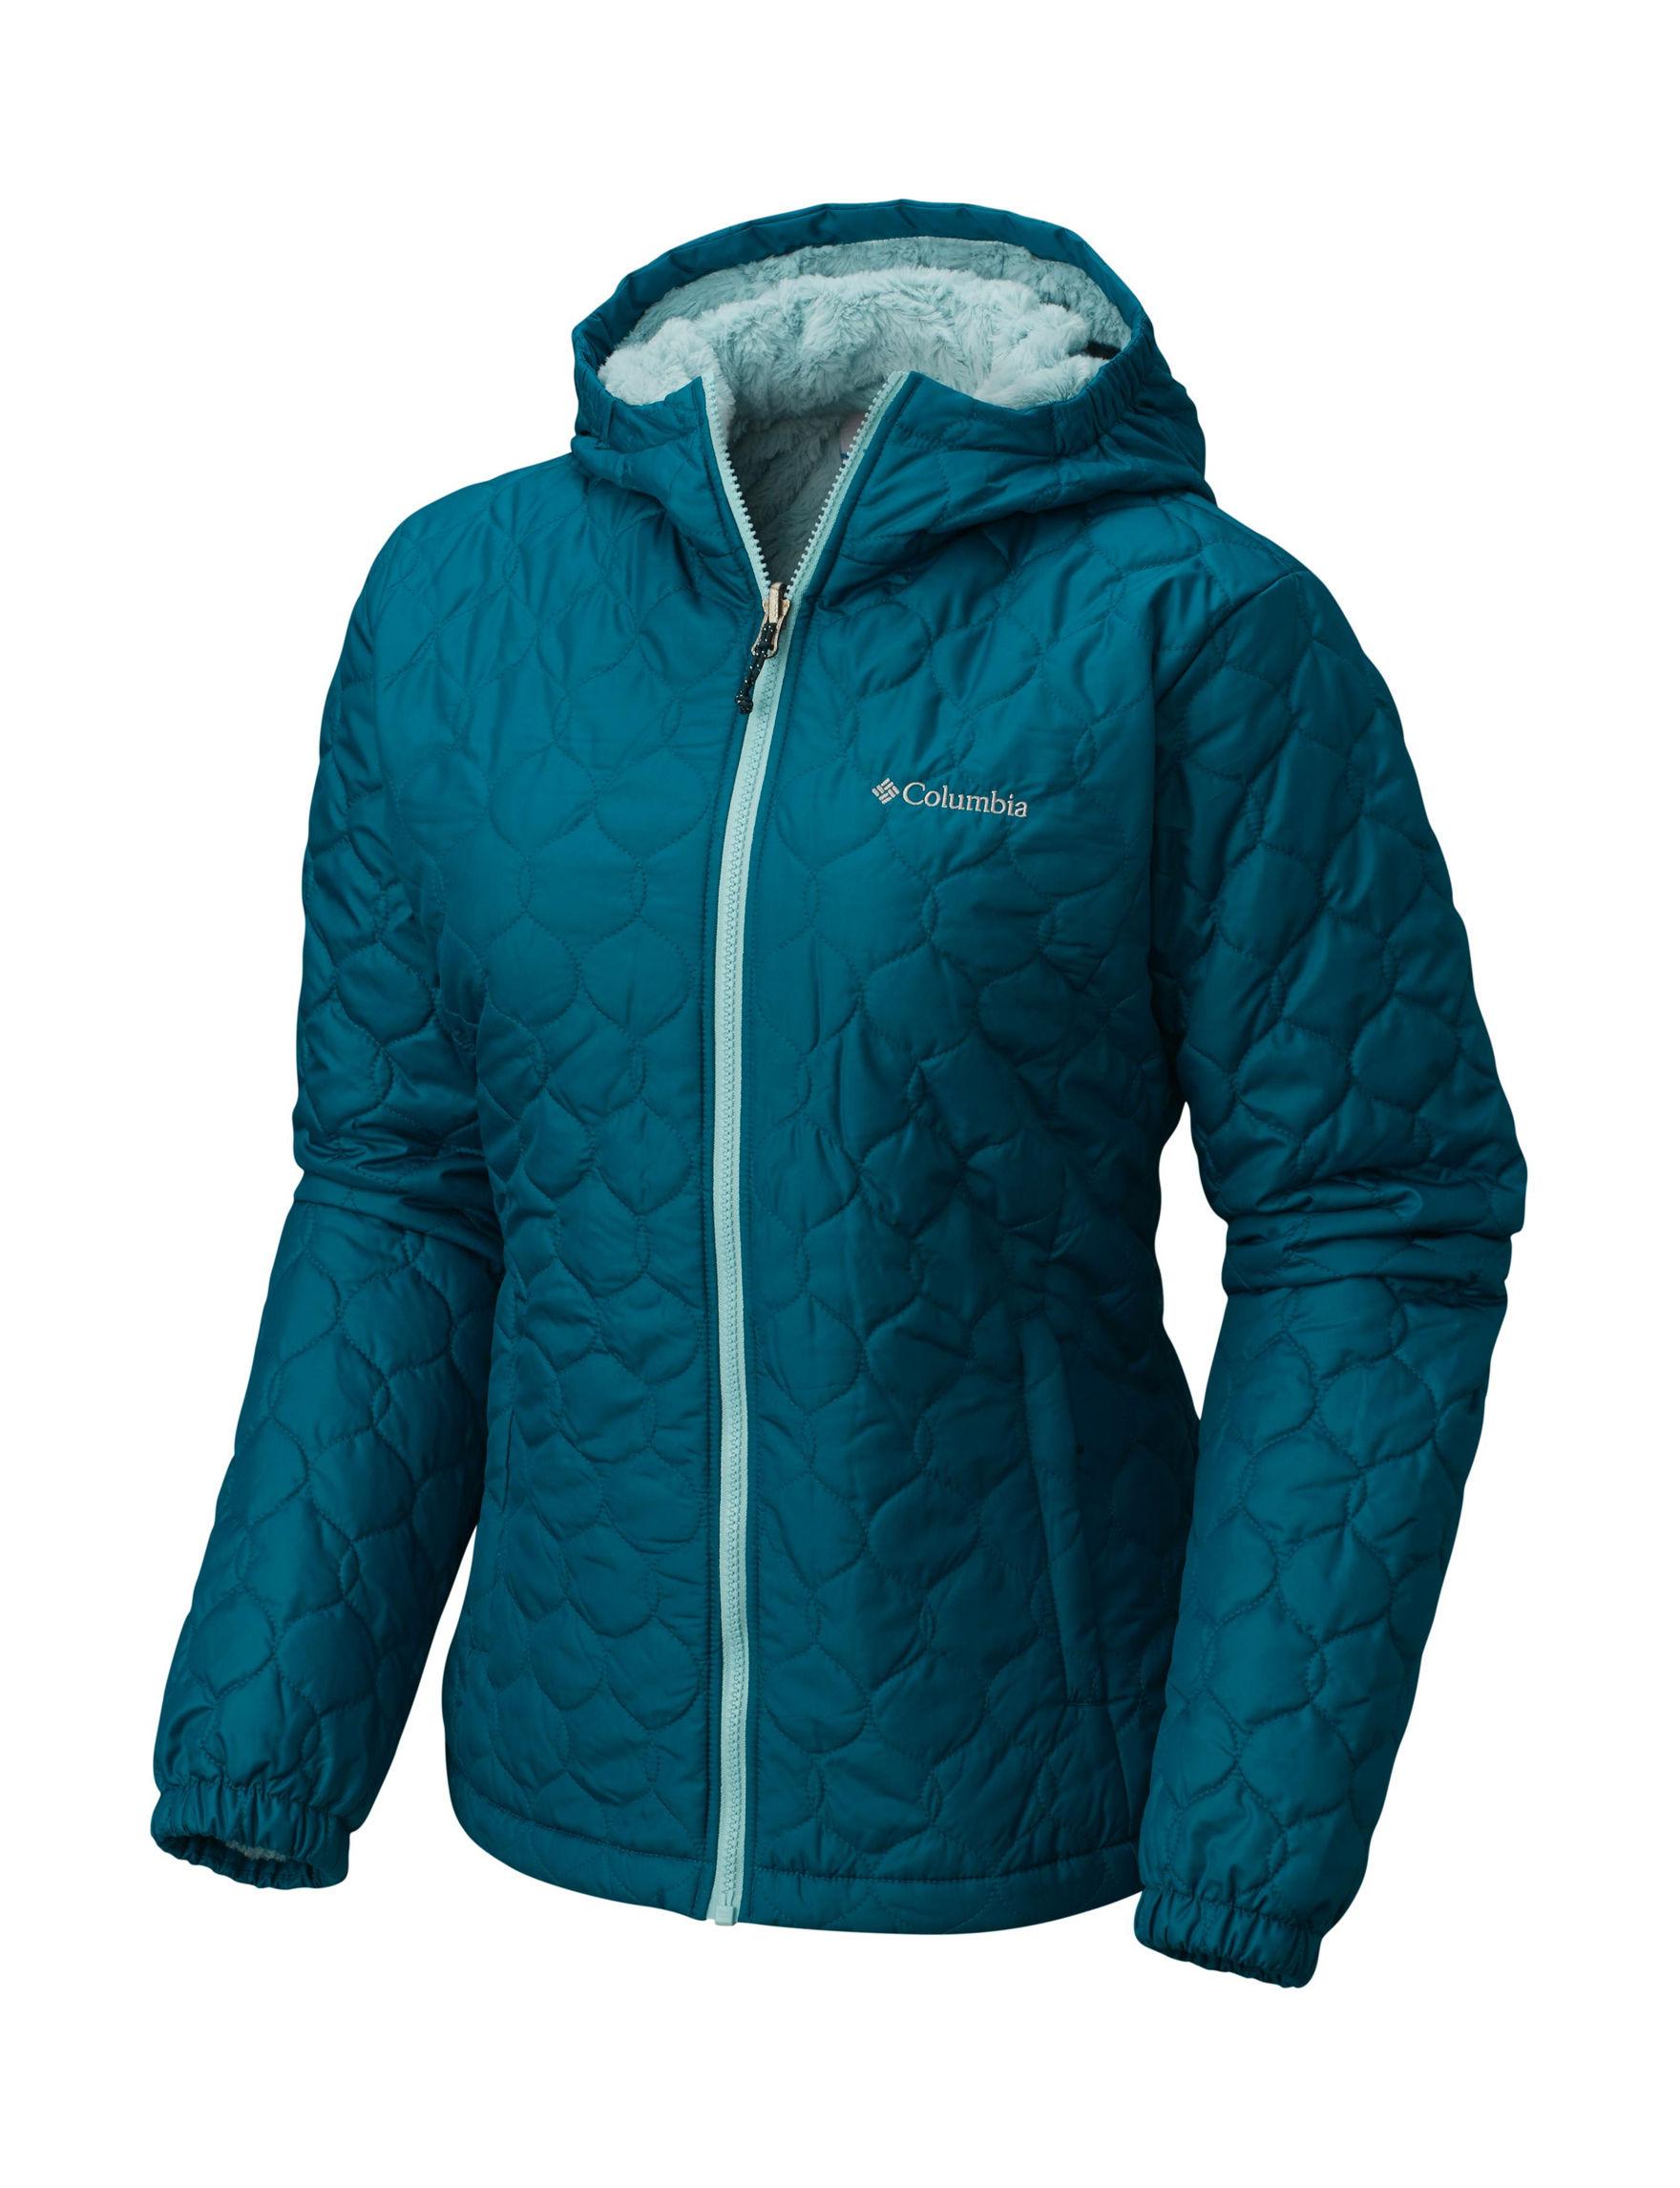 Columbia Deep Teal Rain & Snow Jackets